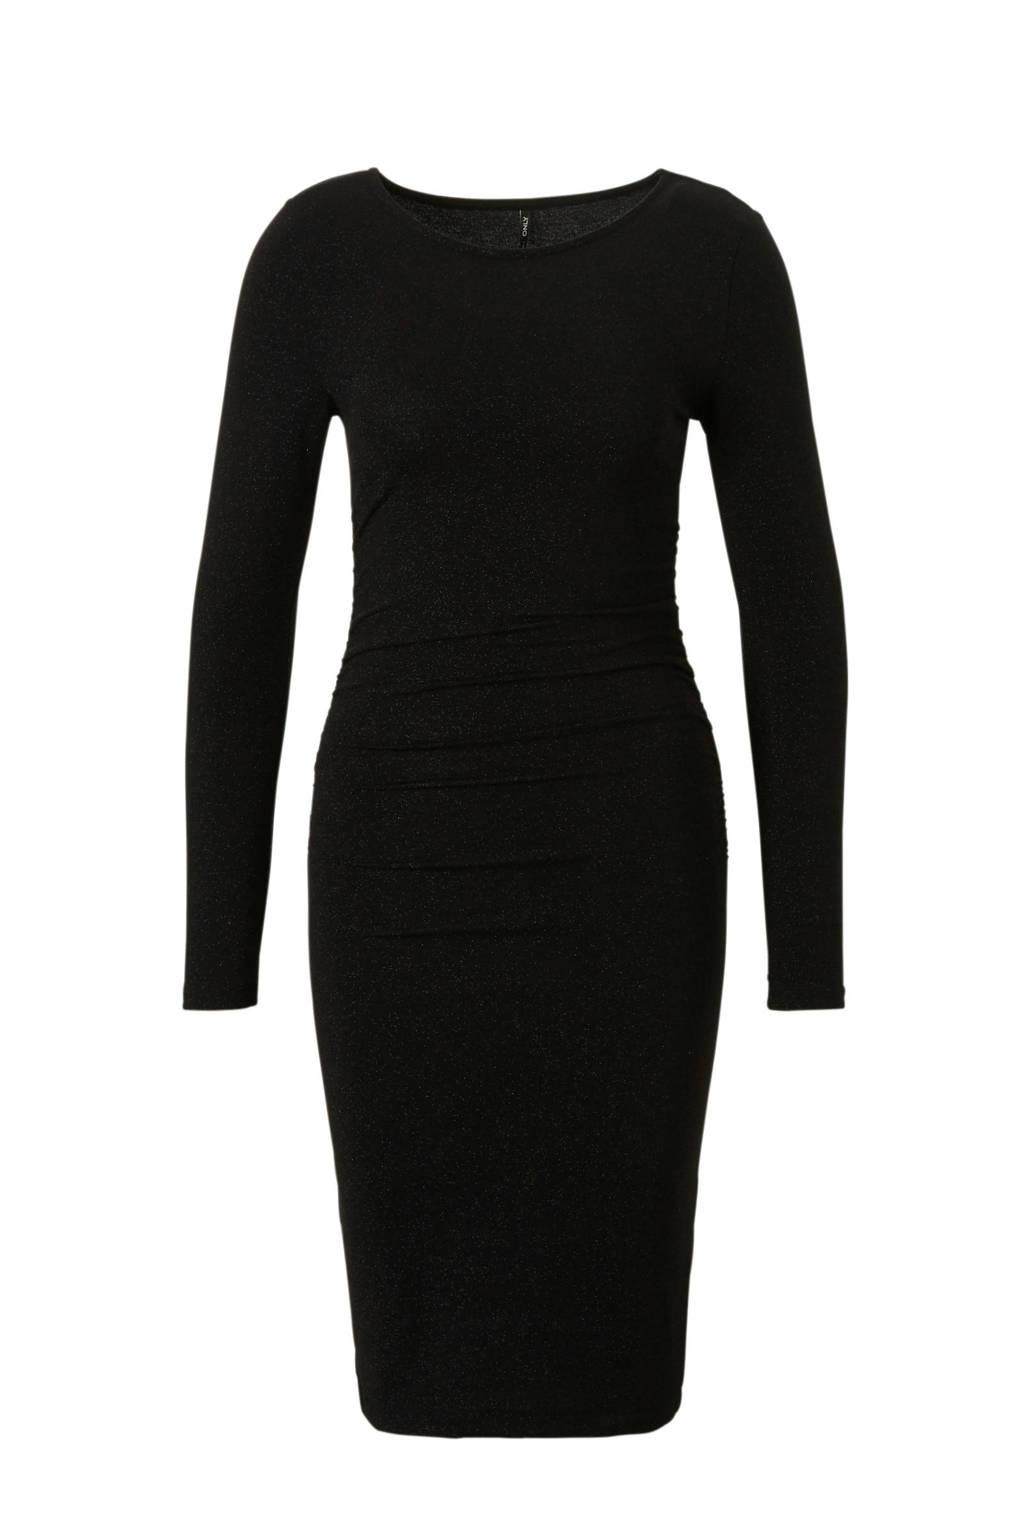 ONLY glitter jurk, Zwart